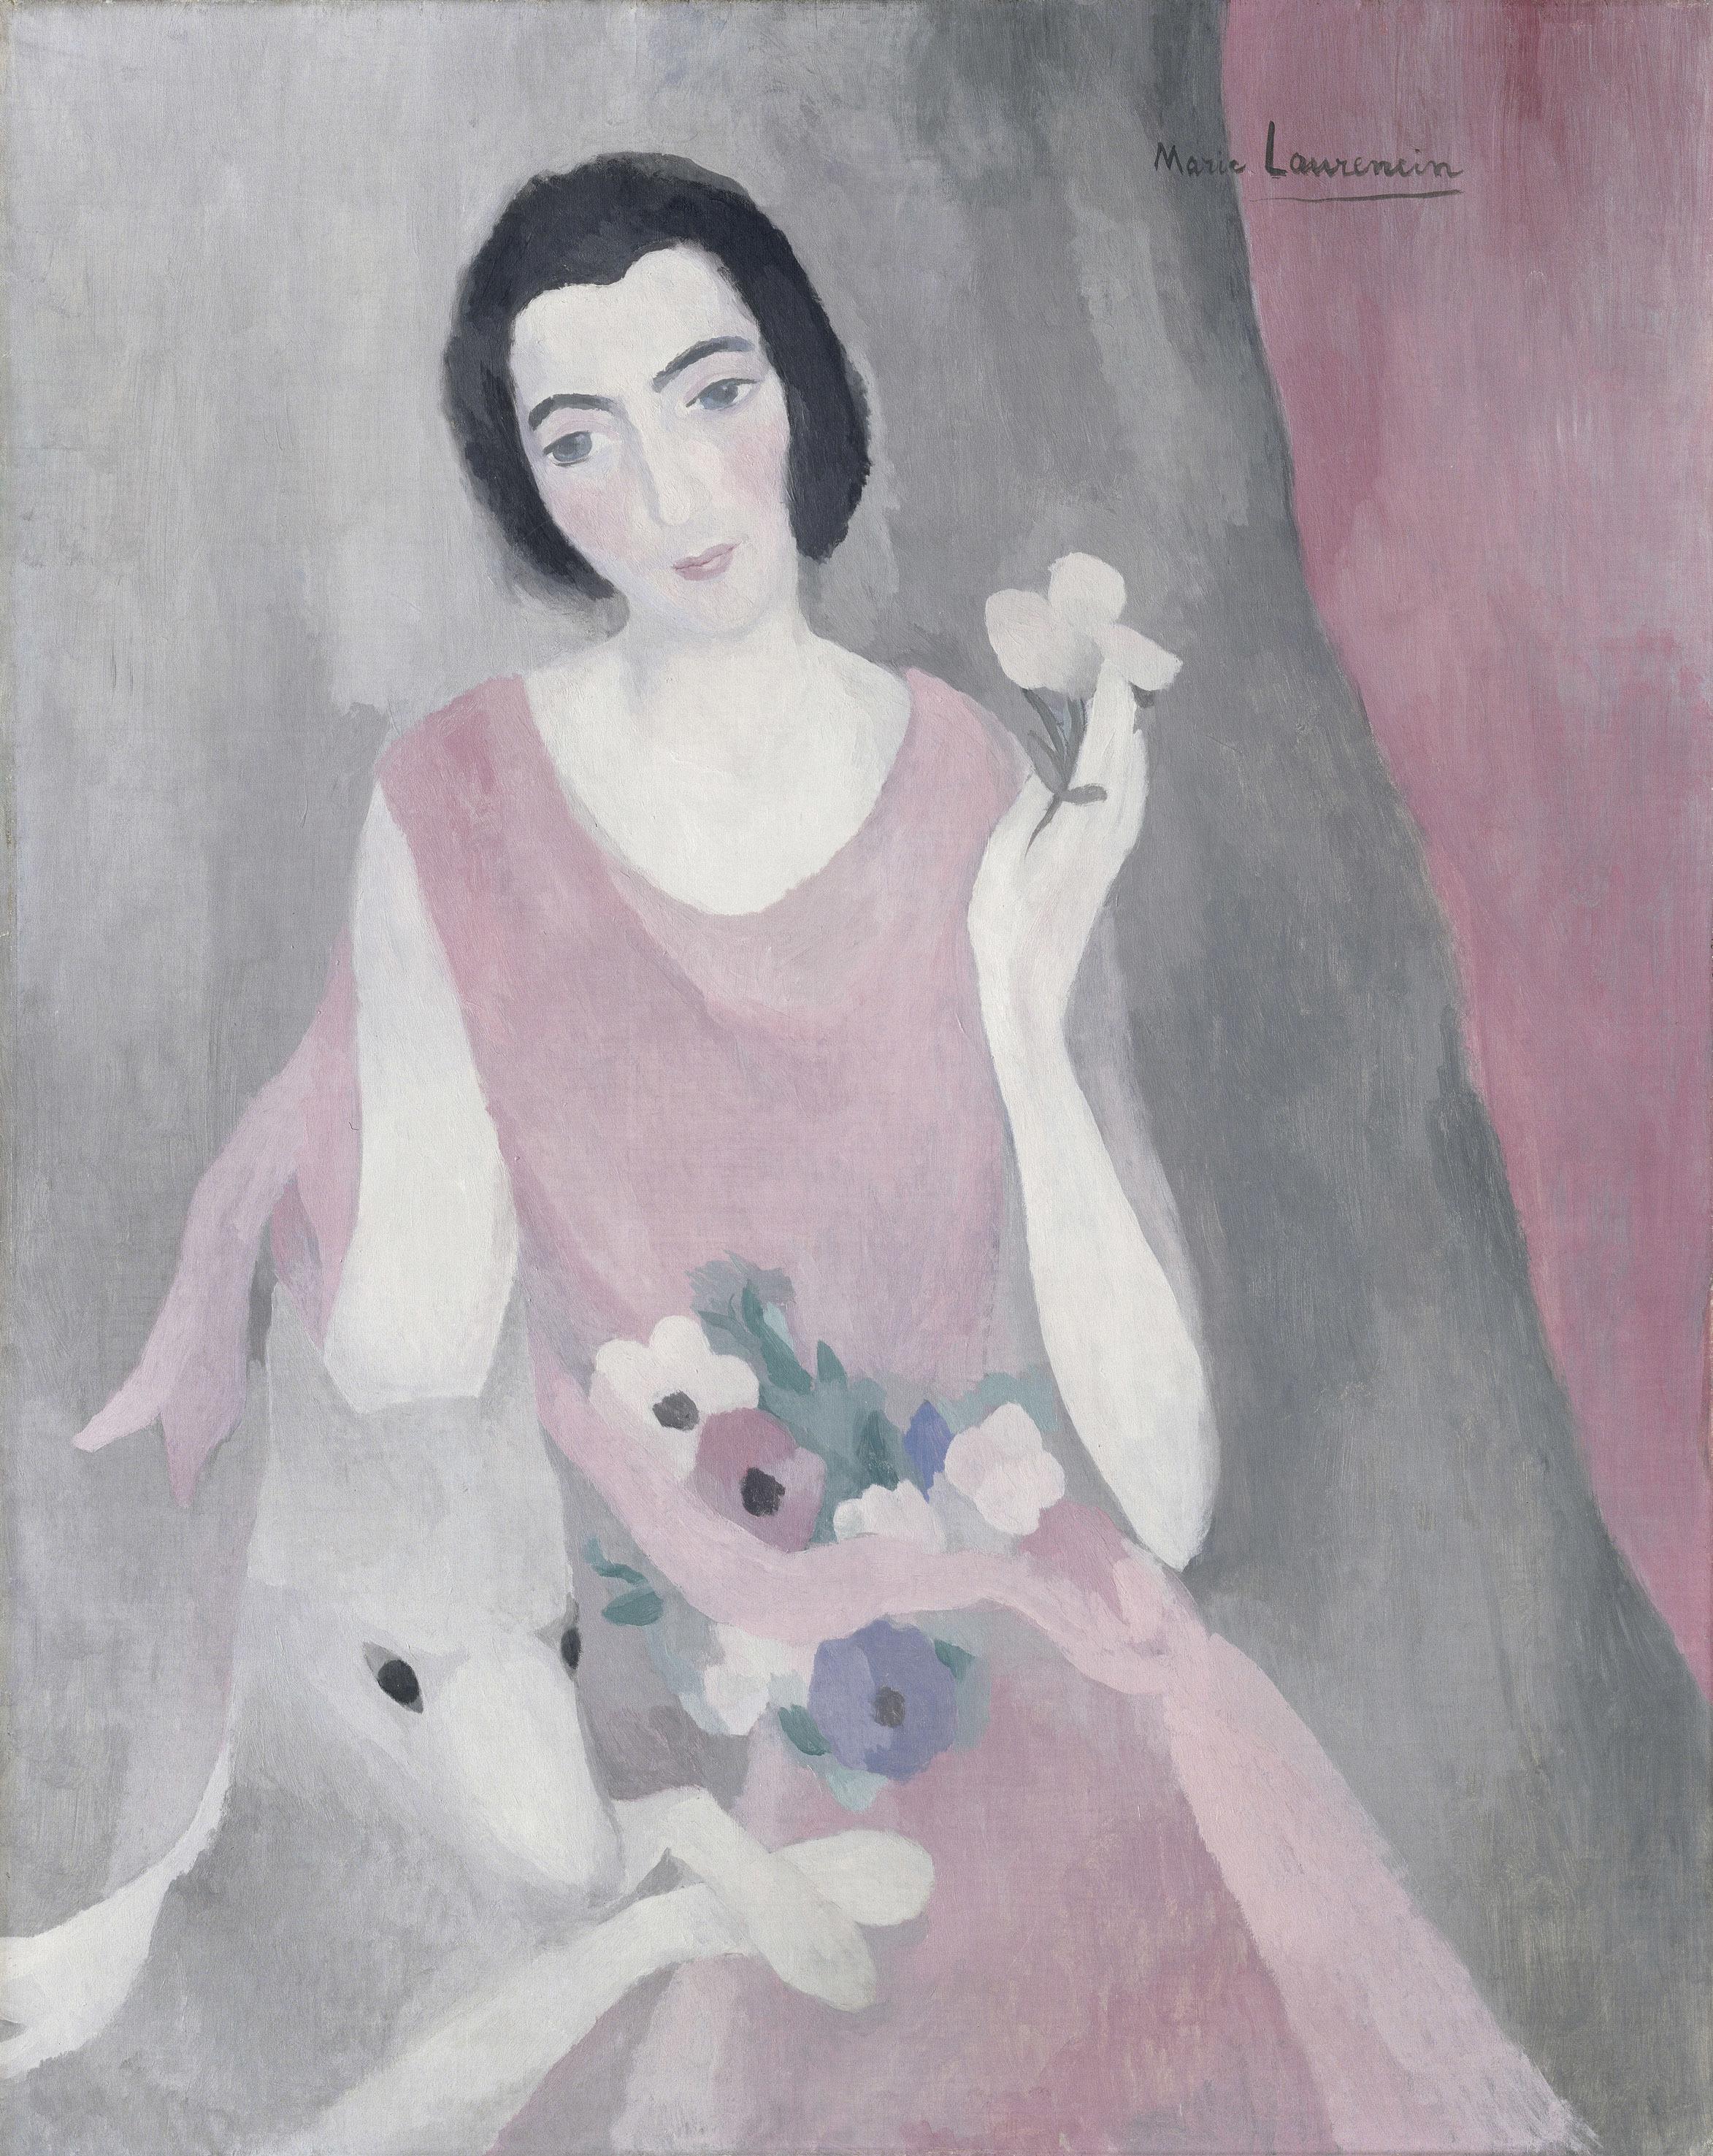 マリー・ローランサン《ポール・ギョーム夫人の肖像》1924年頃、油彩・カンヴァス、92×73cm、オランジュリー美術館 (C) RMN-Grand Palais (musée de l'Orangerie) / Hervé Lewandowski